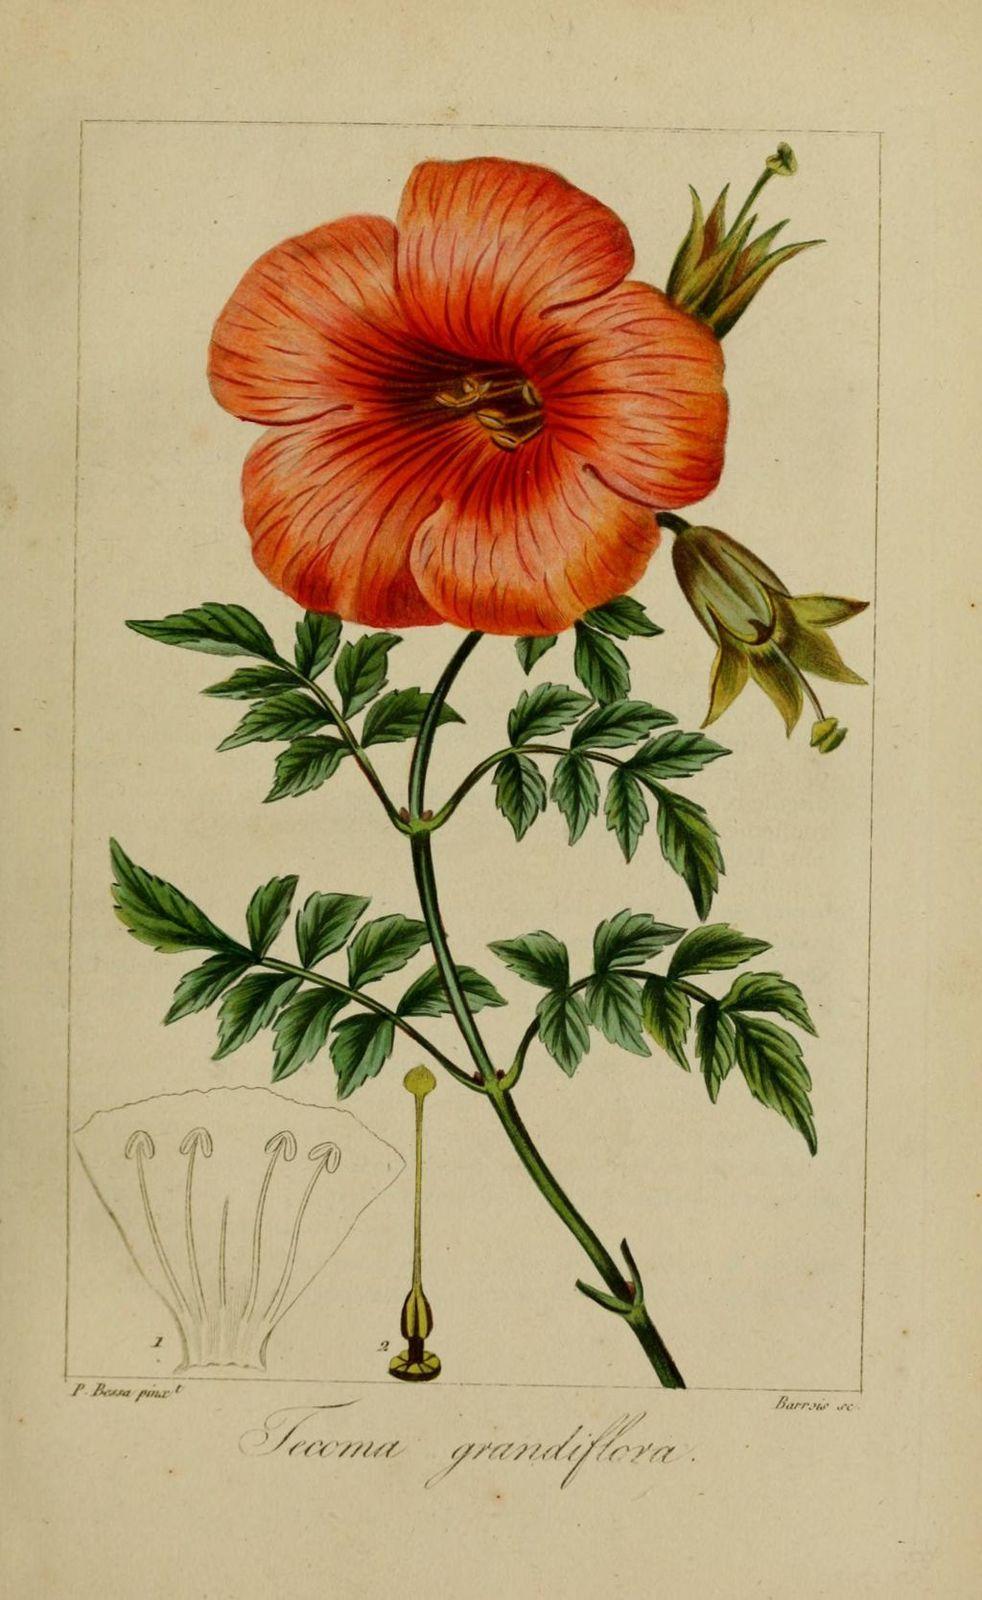 40015 tecoma grandiflore - tecoma grandiflora